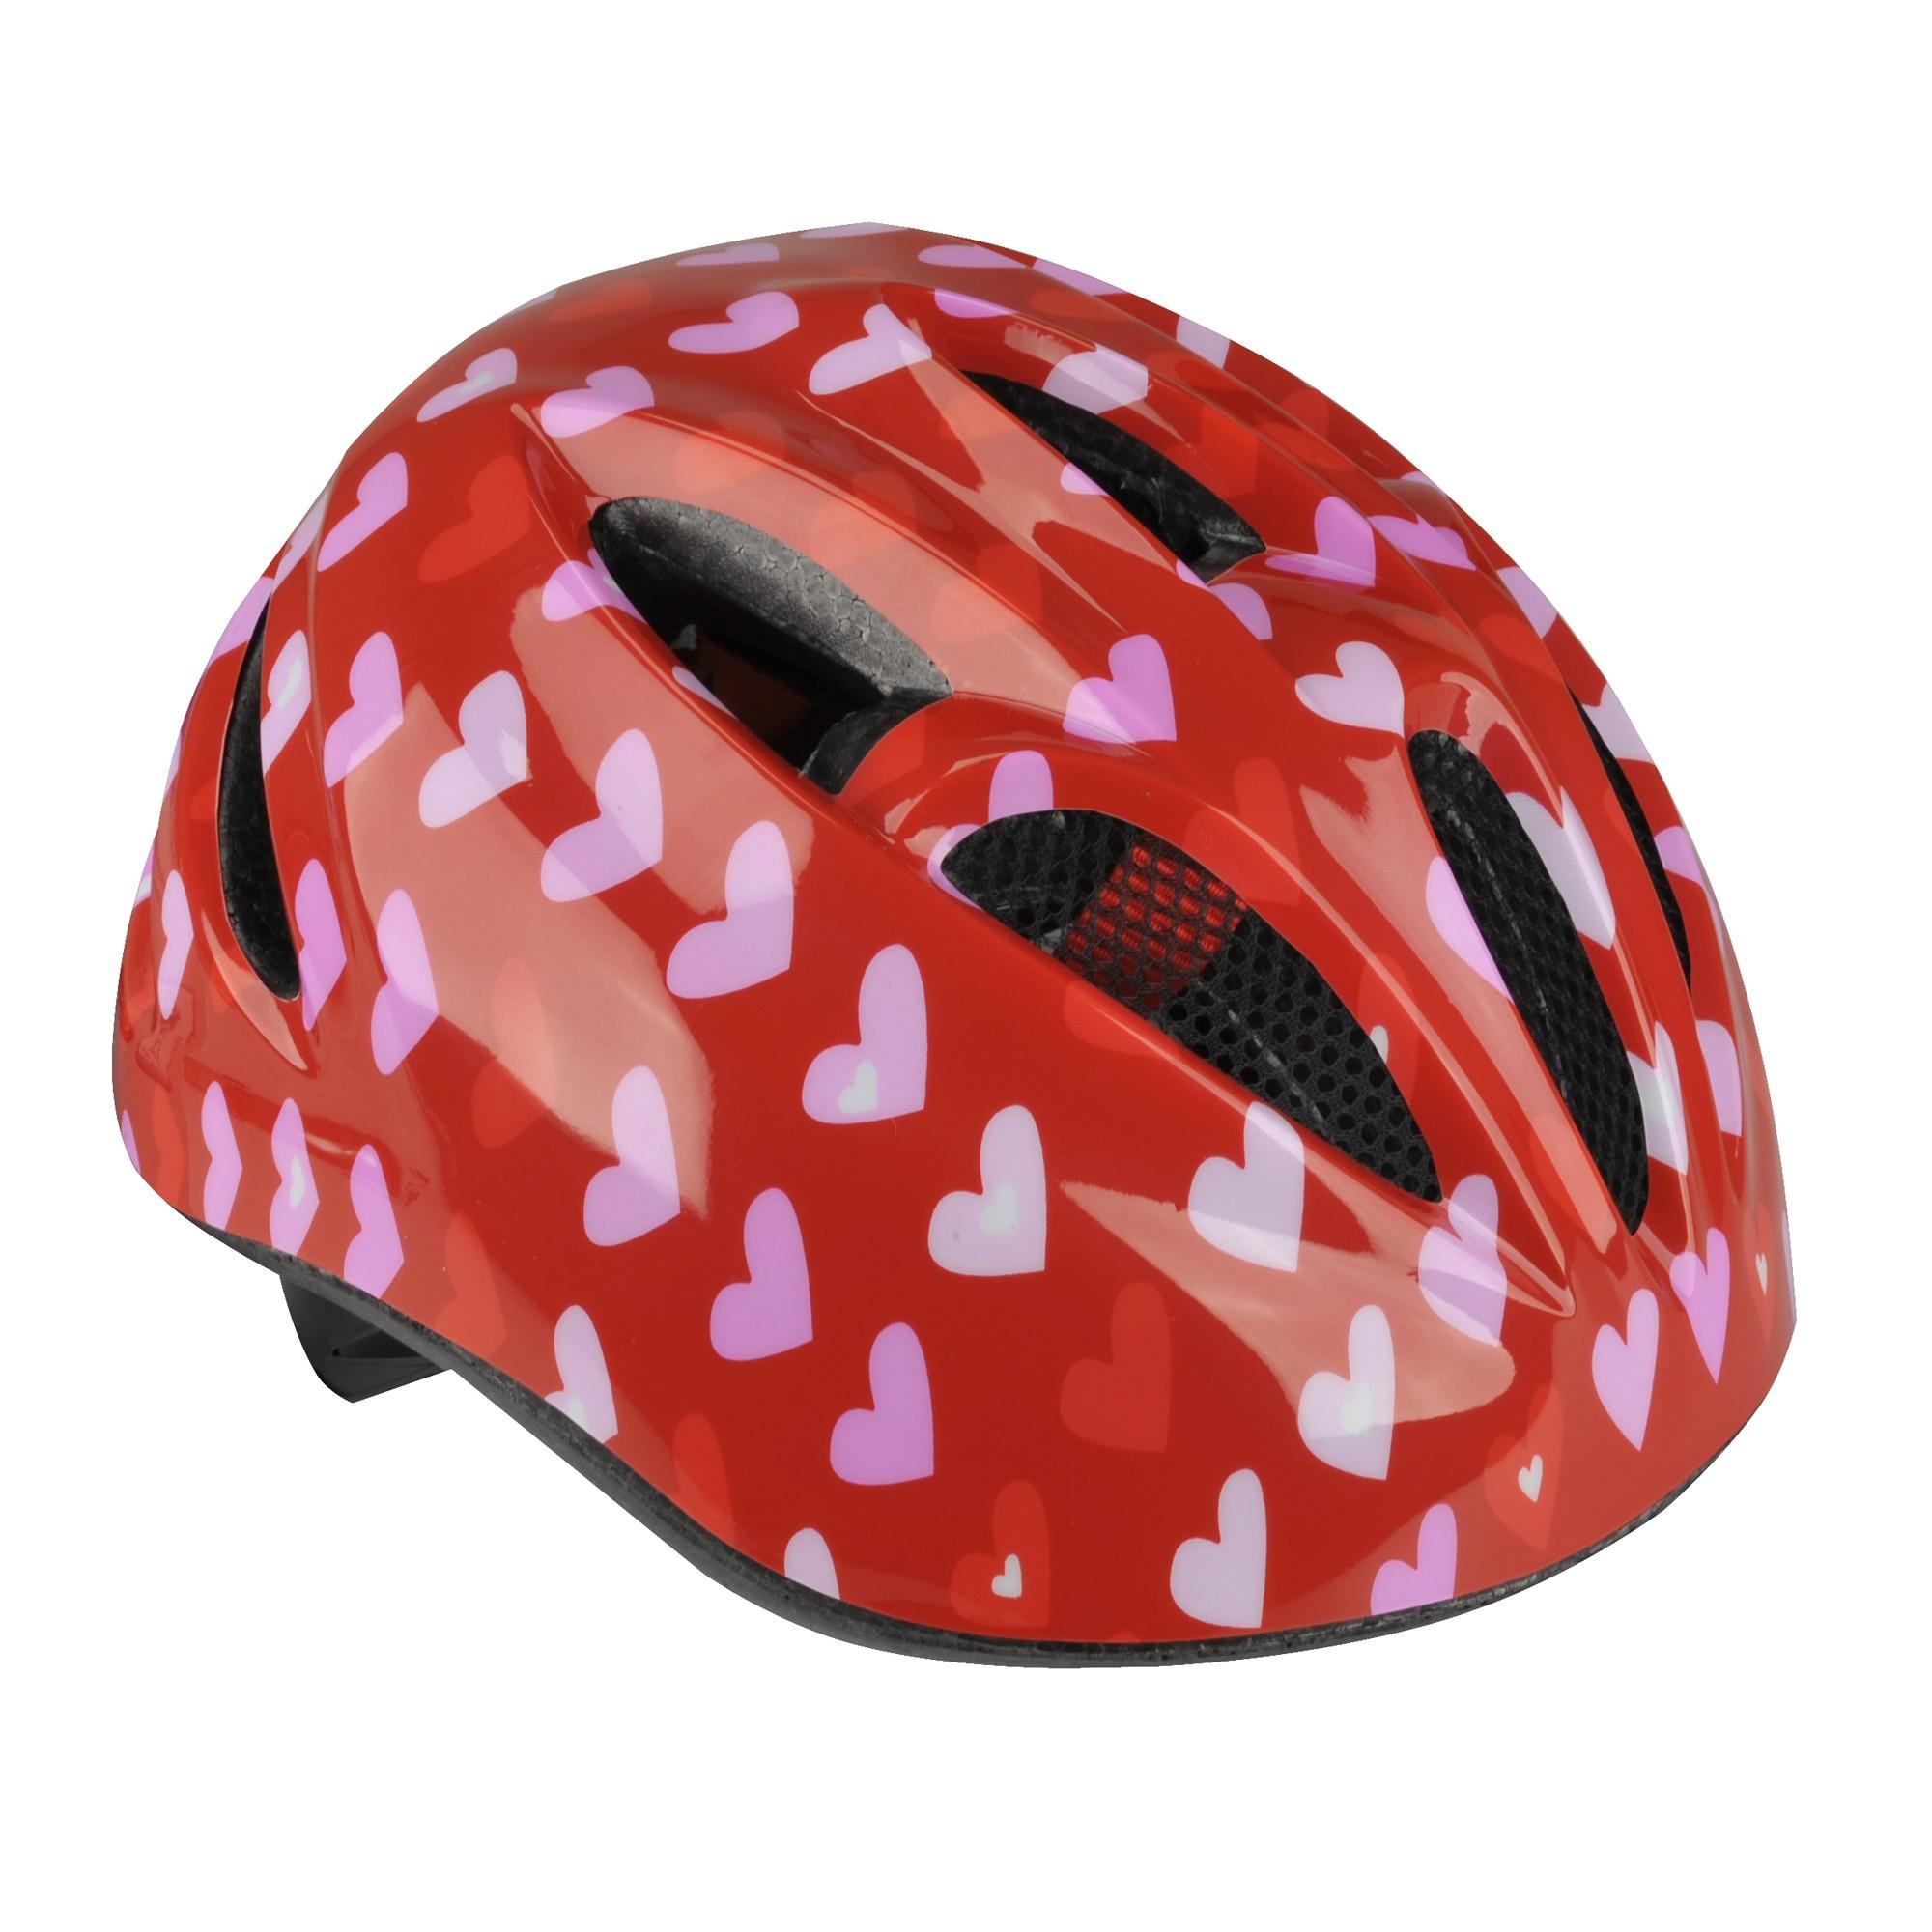 Fischer Fahrradhelm Kinderhelm Herz Gr XS S Bild 1